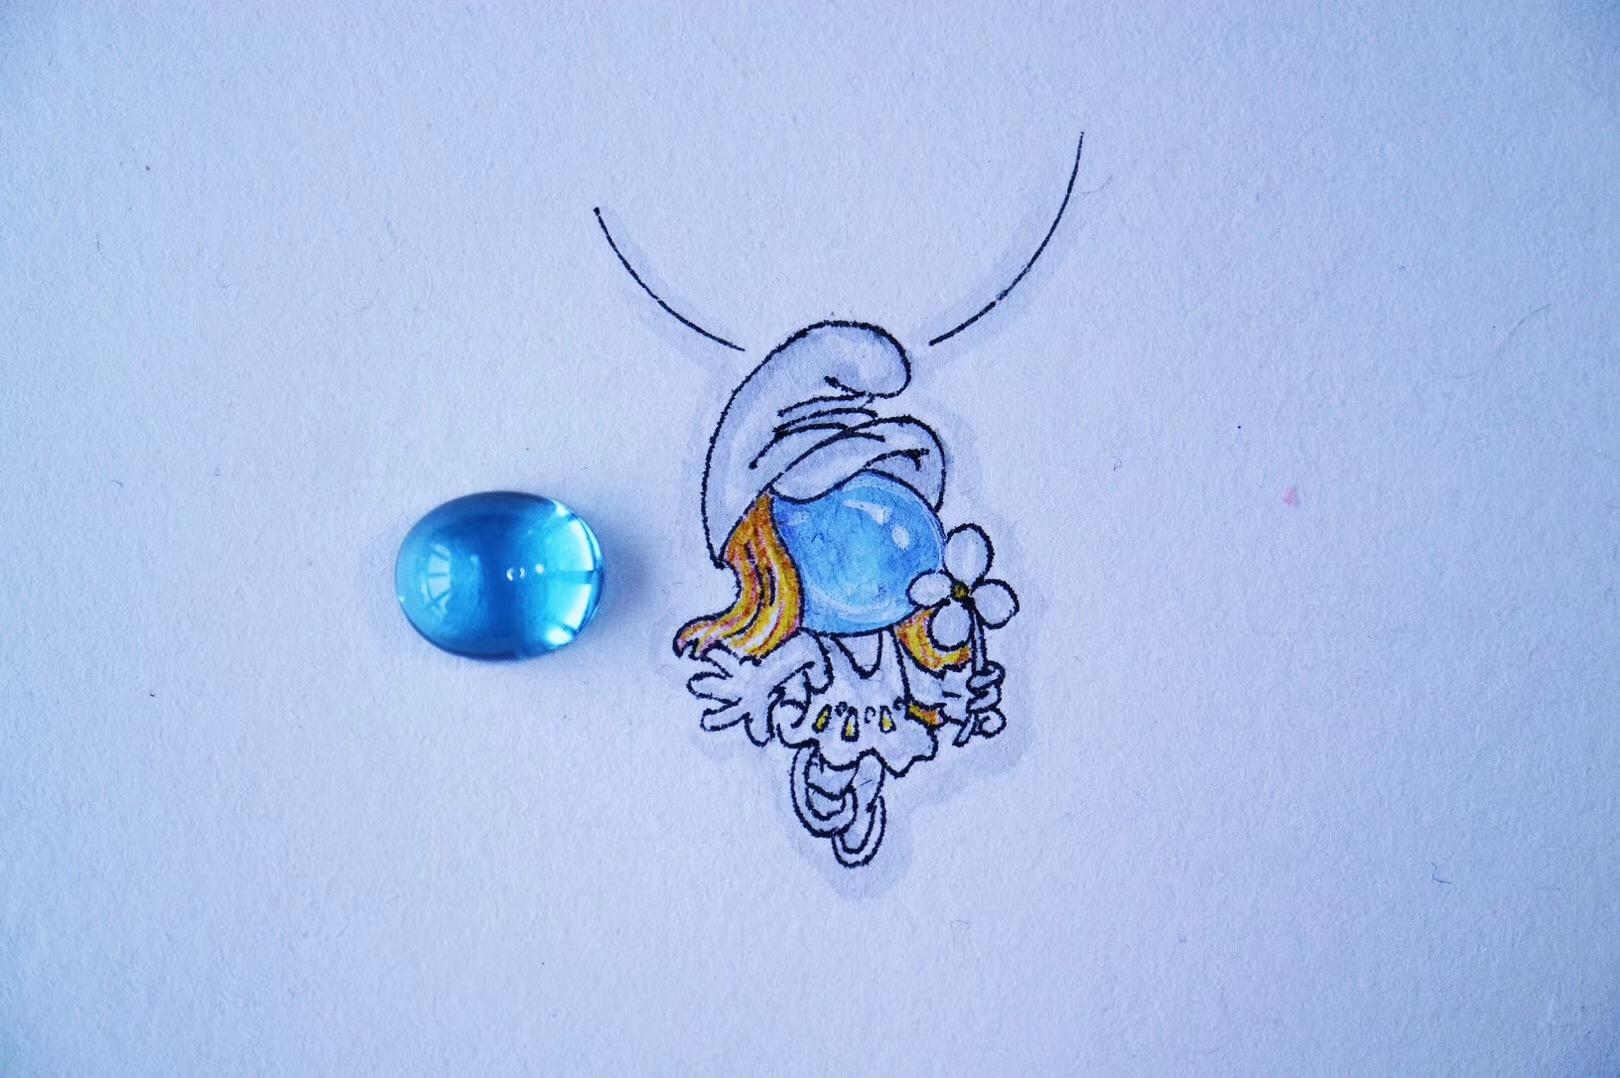 【菩心-托帕石】可爱的蓝精灵!-菩心晶舍